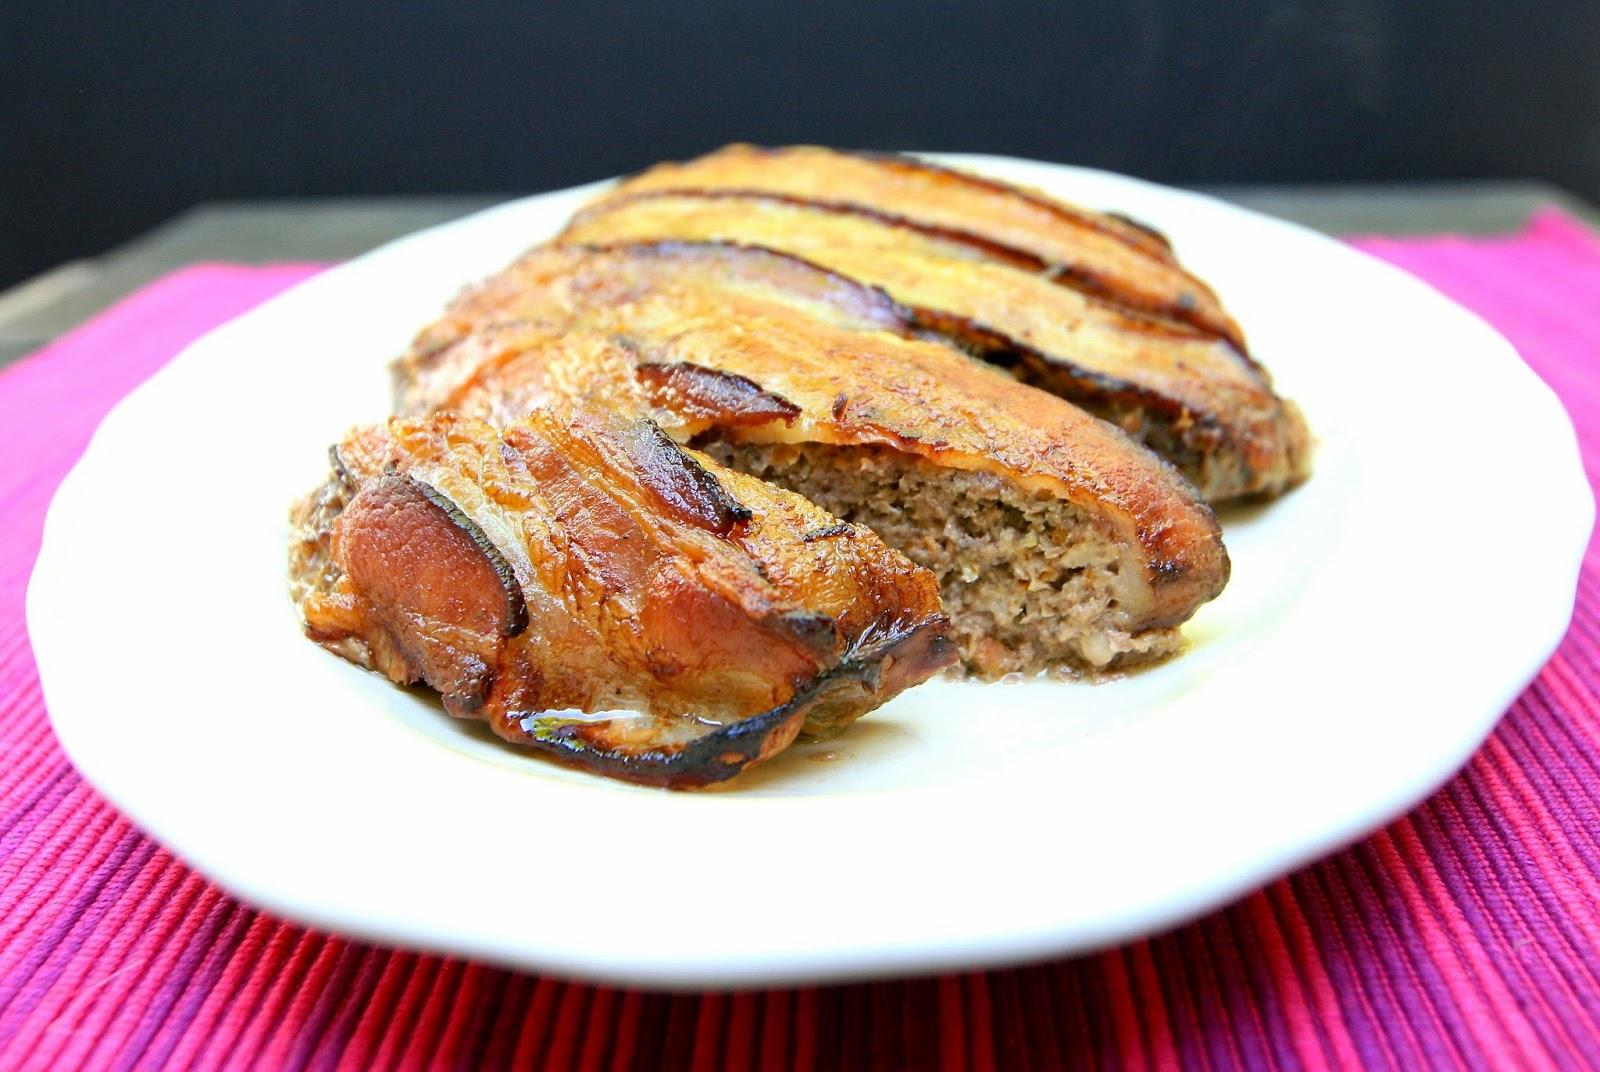 best meatloaf easy meatloaf recipe make-ahead meatloaf bacon wrapped meatloaf